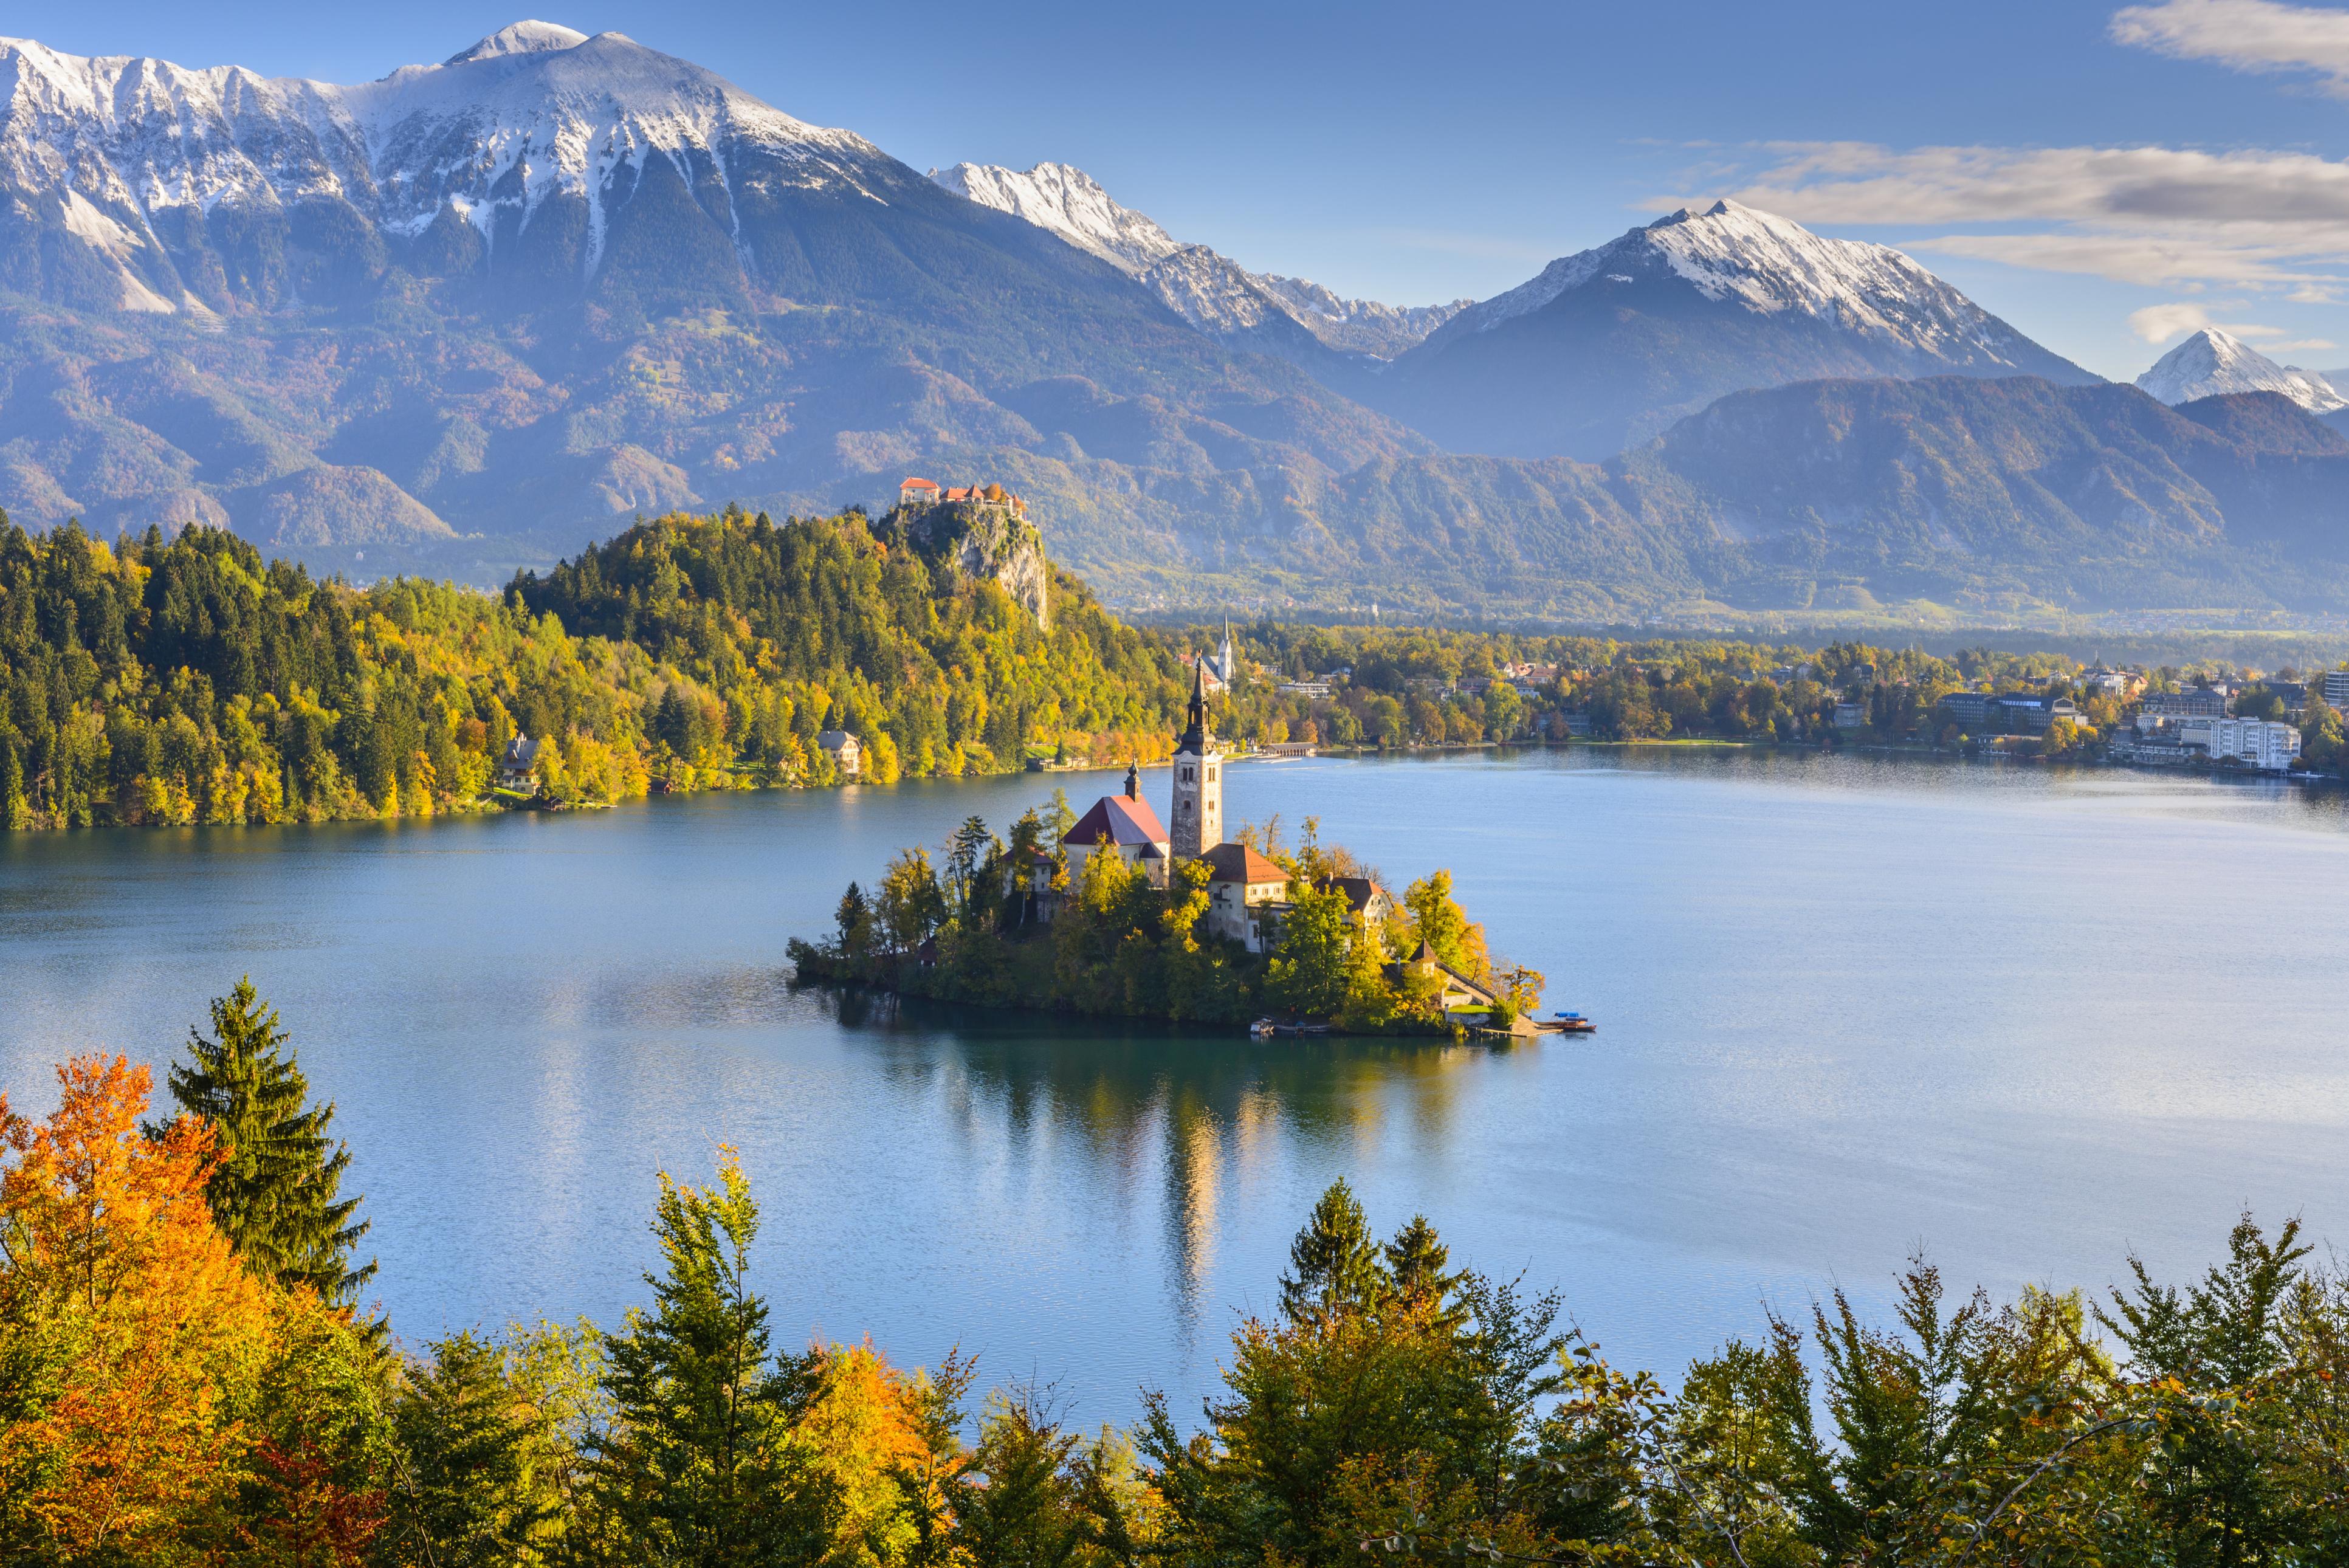 Lush nature around Lake Bled, Slovenia